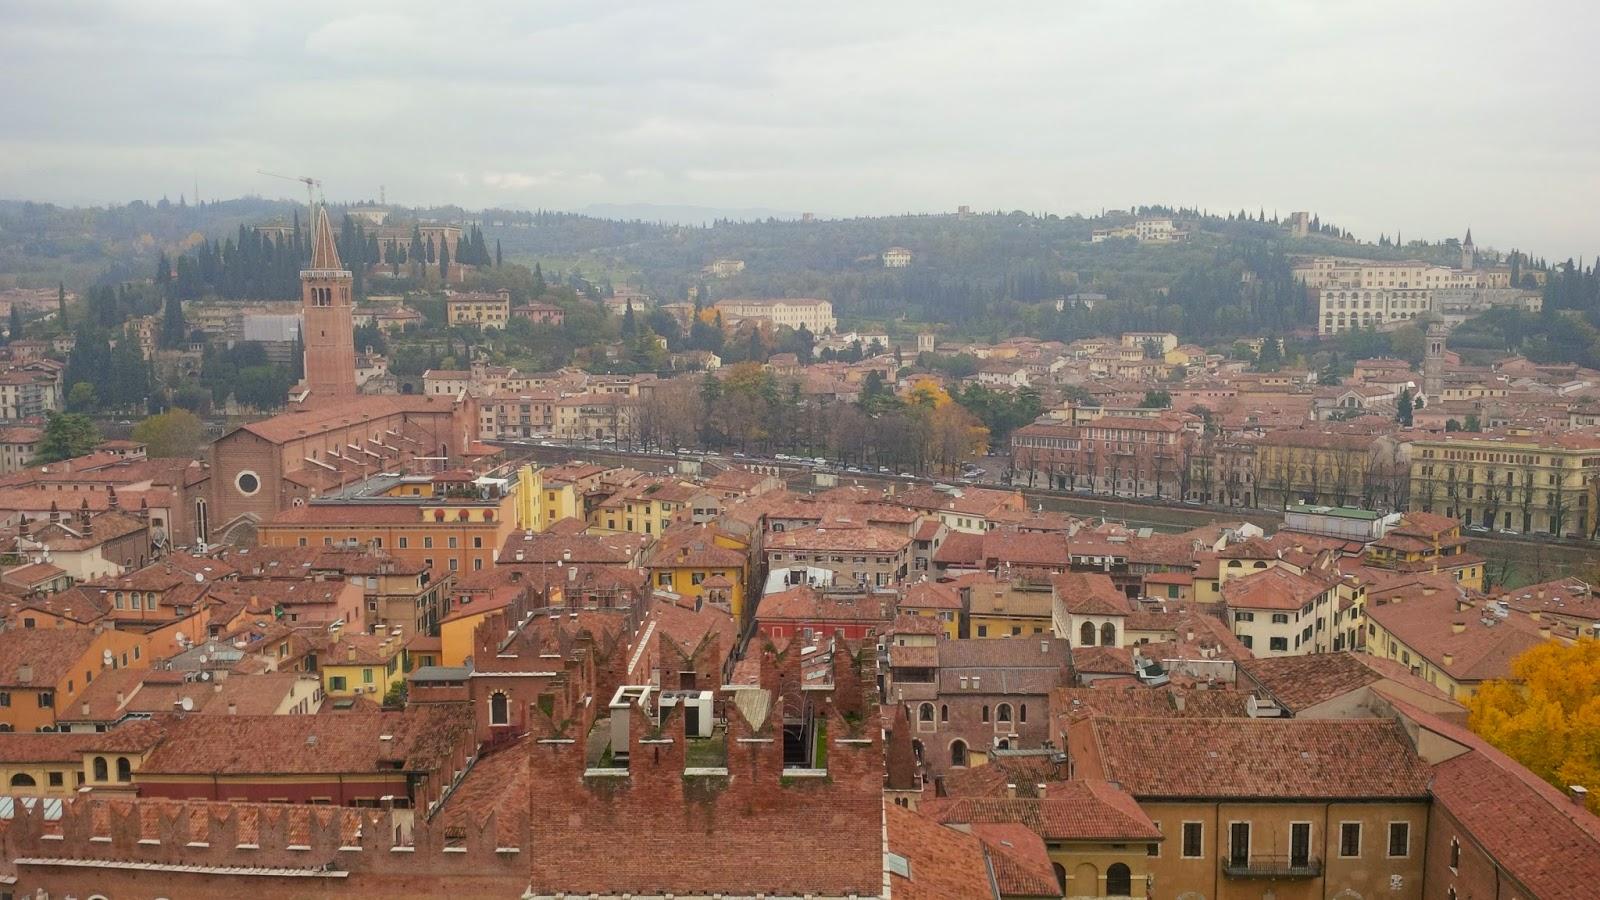 The river Adige that runs through Verona